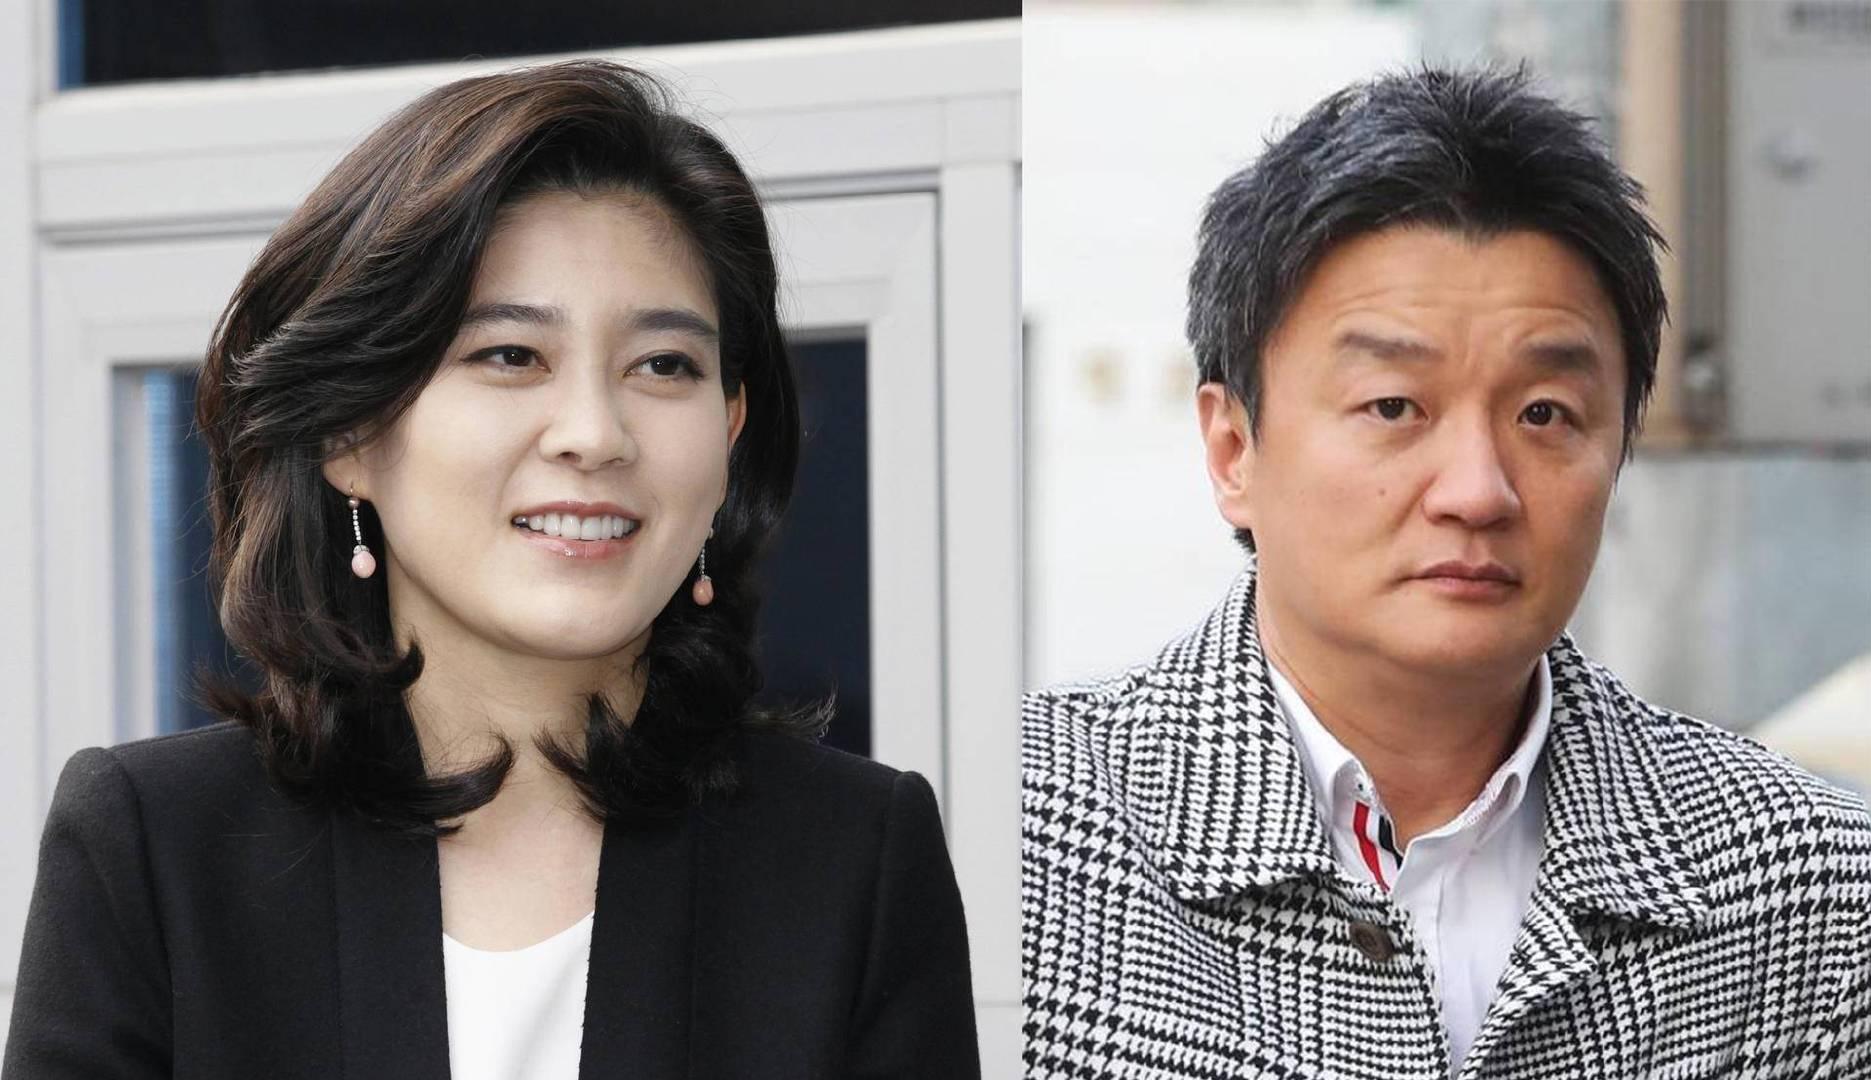 三星千金荣膺韩国女首富,嫁给保安频遭家暴,离婚后反赔8000万 涨姿势 第1张